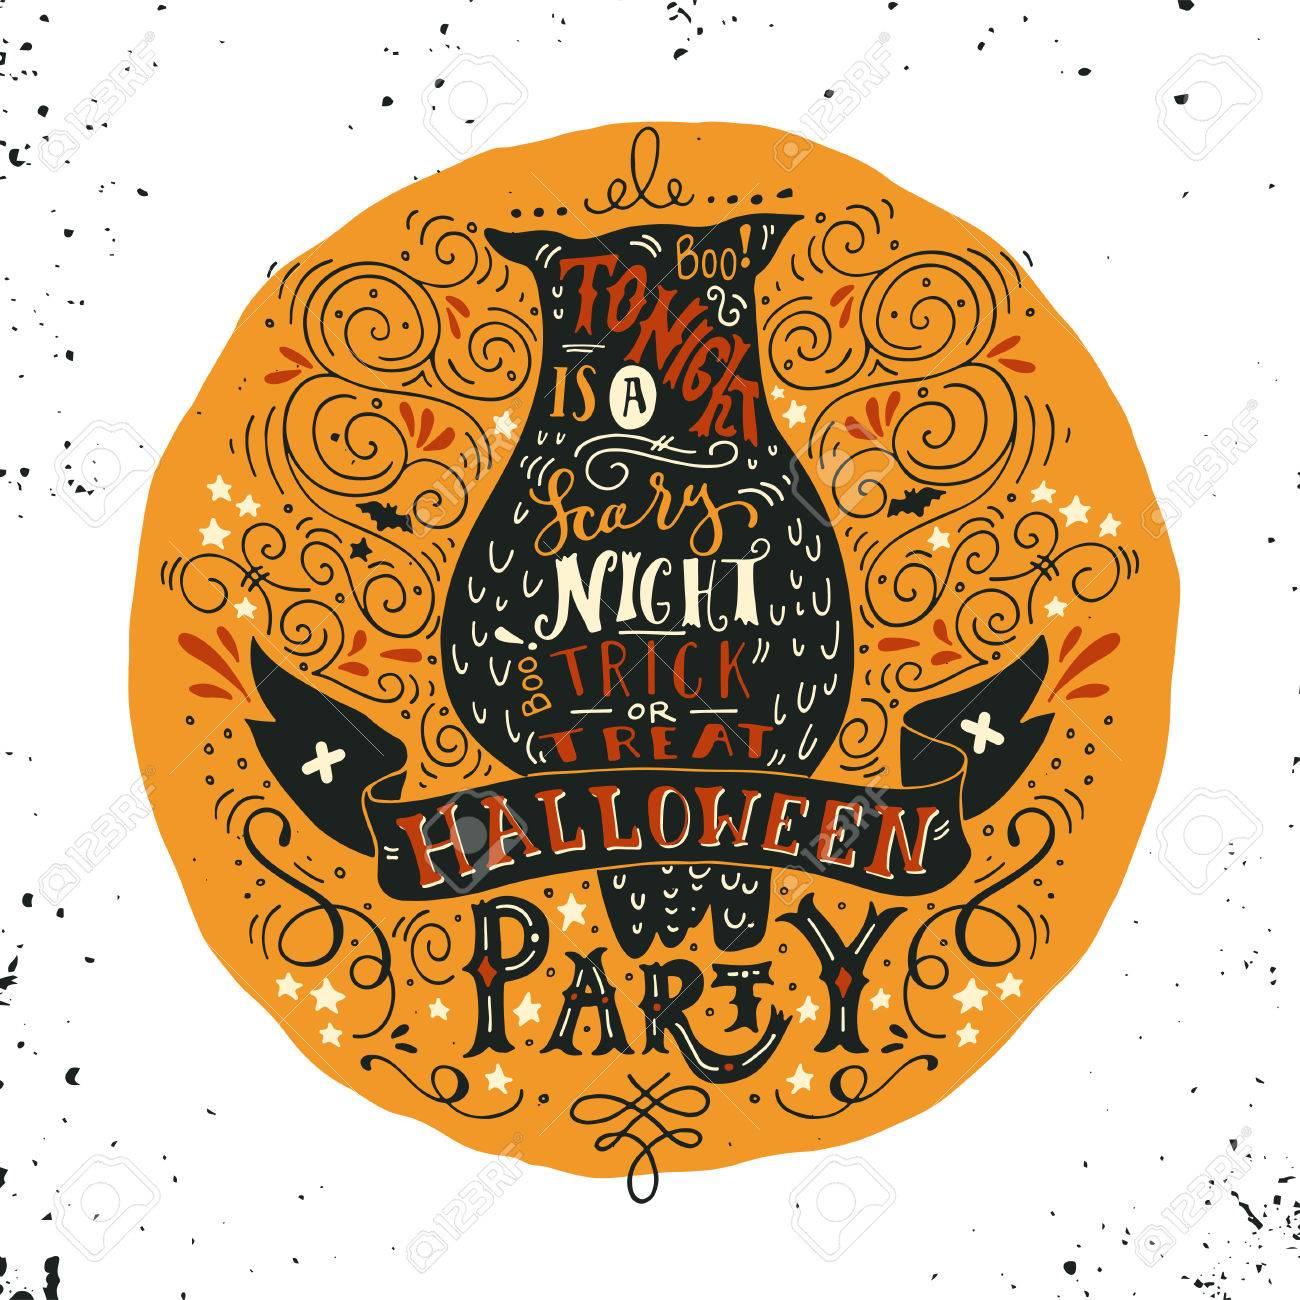 Cartel Del Partido De Halloween Con Un Búho Viejo Luna Llena Letras De La Mano En El Banner Y Adornos Esta Noche Es Una Fiesta Muy Asustadizo Truco O Trato Esta Ilustración